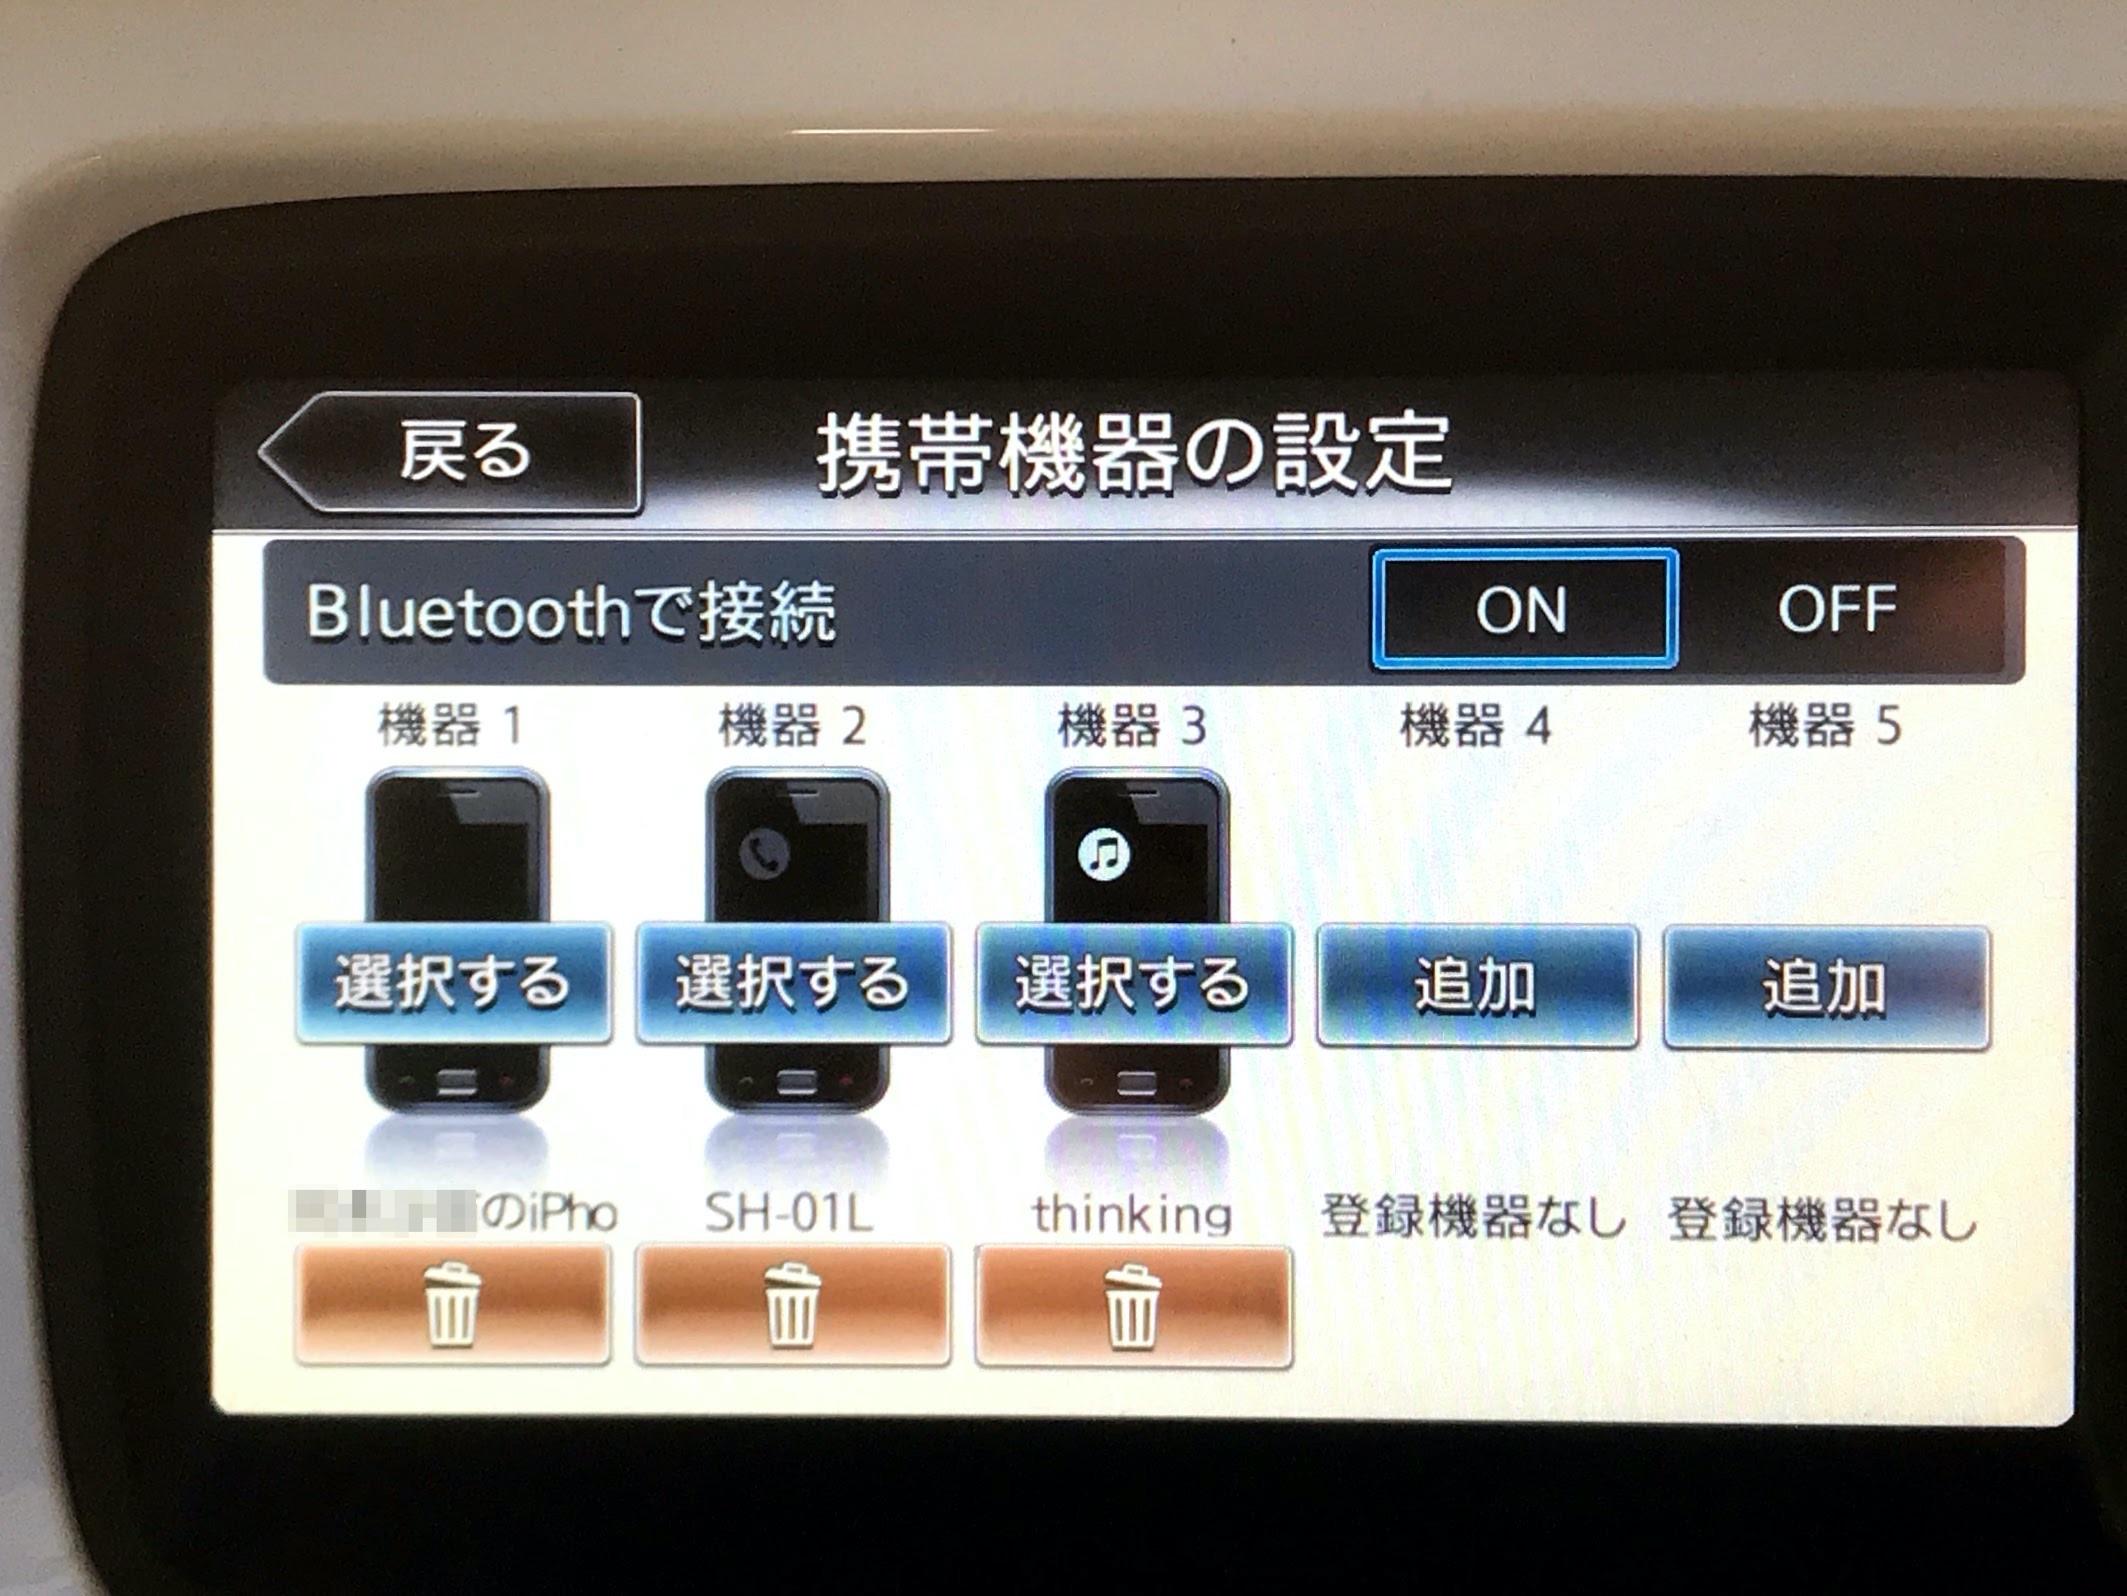 ハスラーでBluetooth接続 iPhone追加